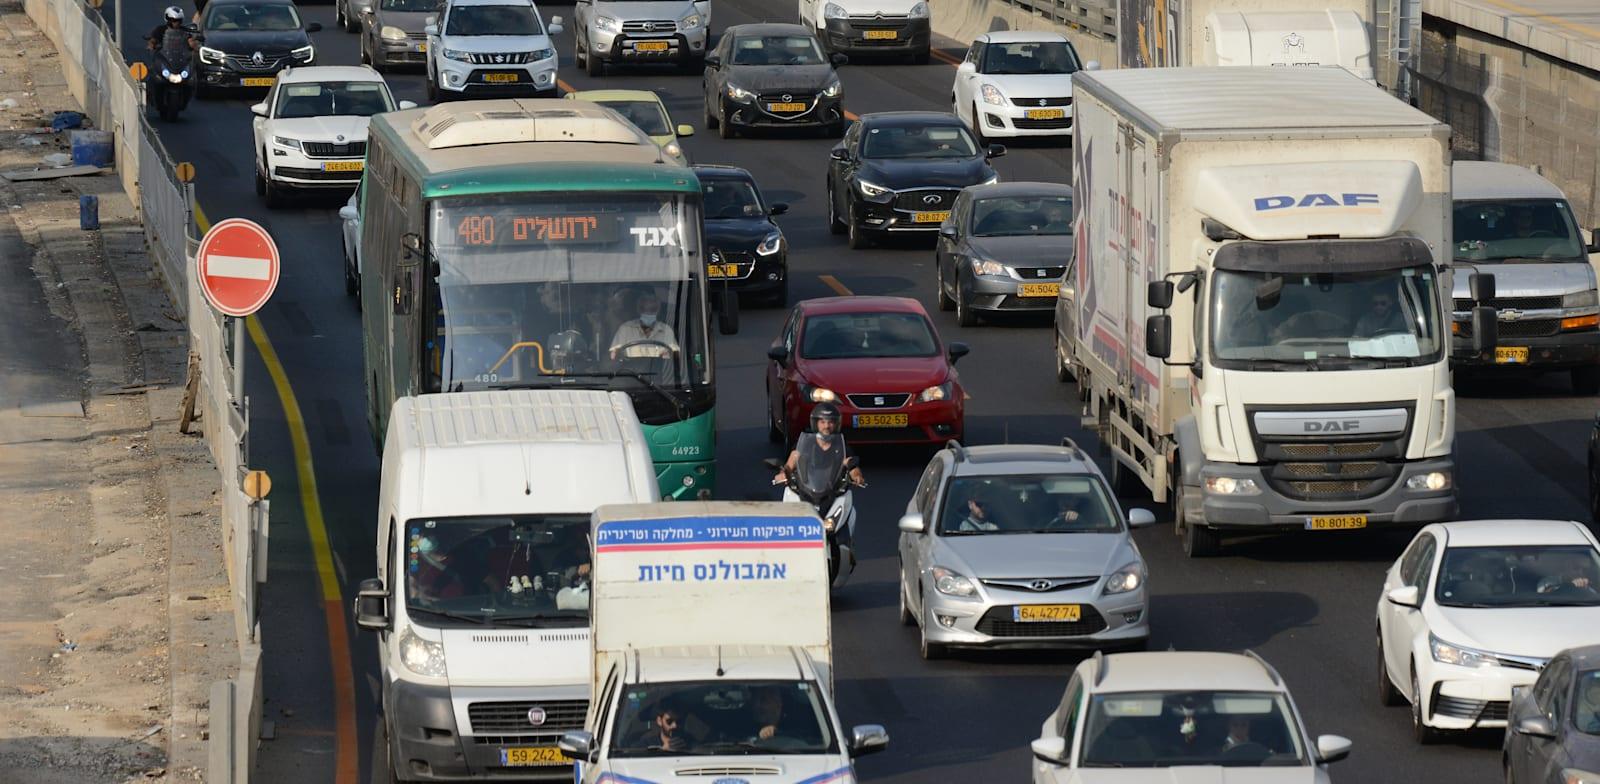 """פקקים בכניסה לת""""א. ב־OECD מעריכים כי עלות הגודש התחבורתי עומדת על כ־2% מהתוצר הגולמי של ישראל / צילום: איל יצהר"""